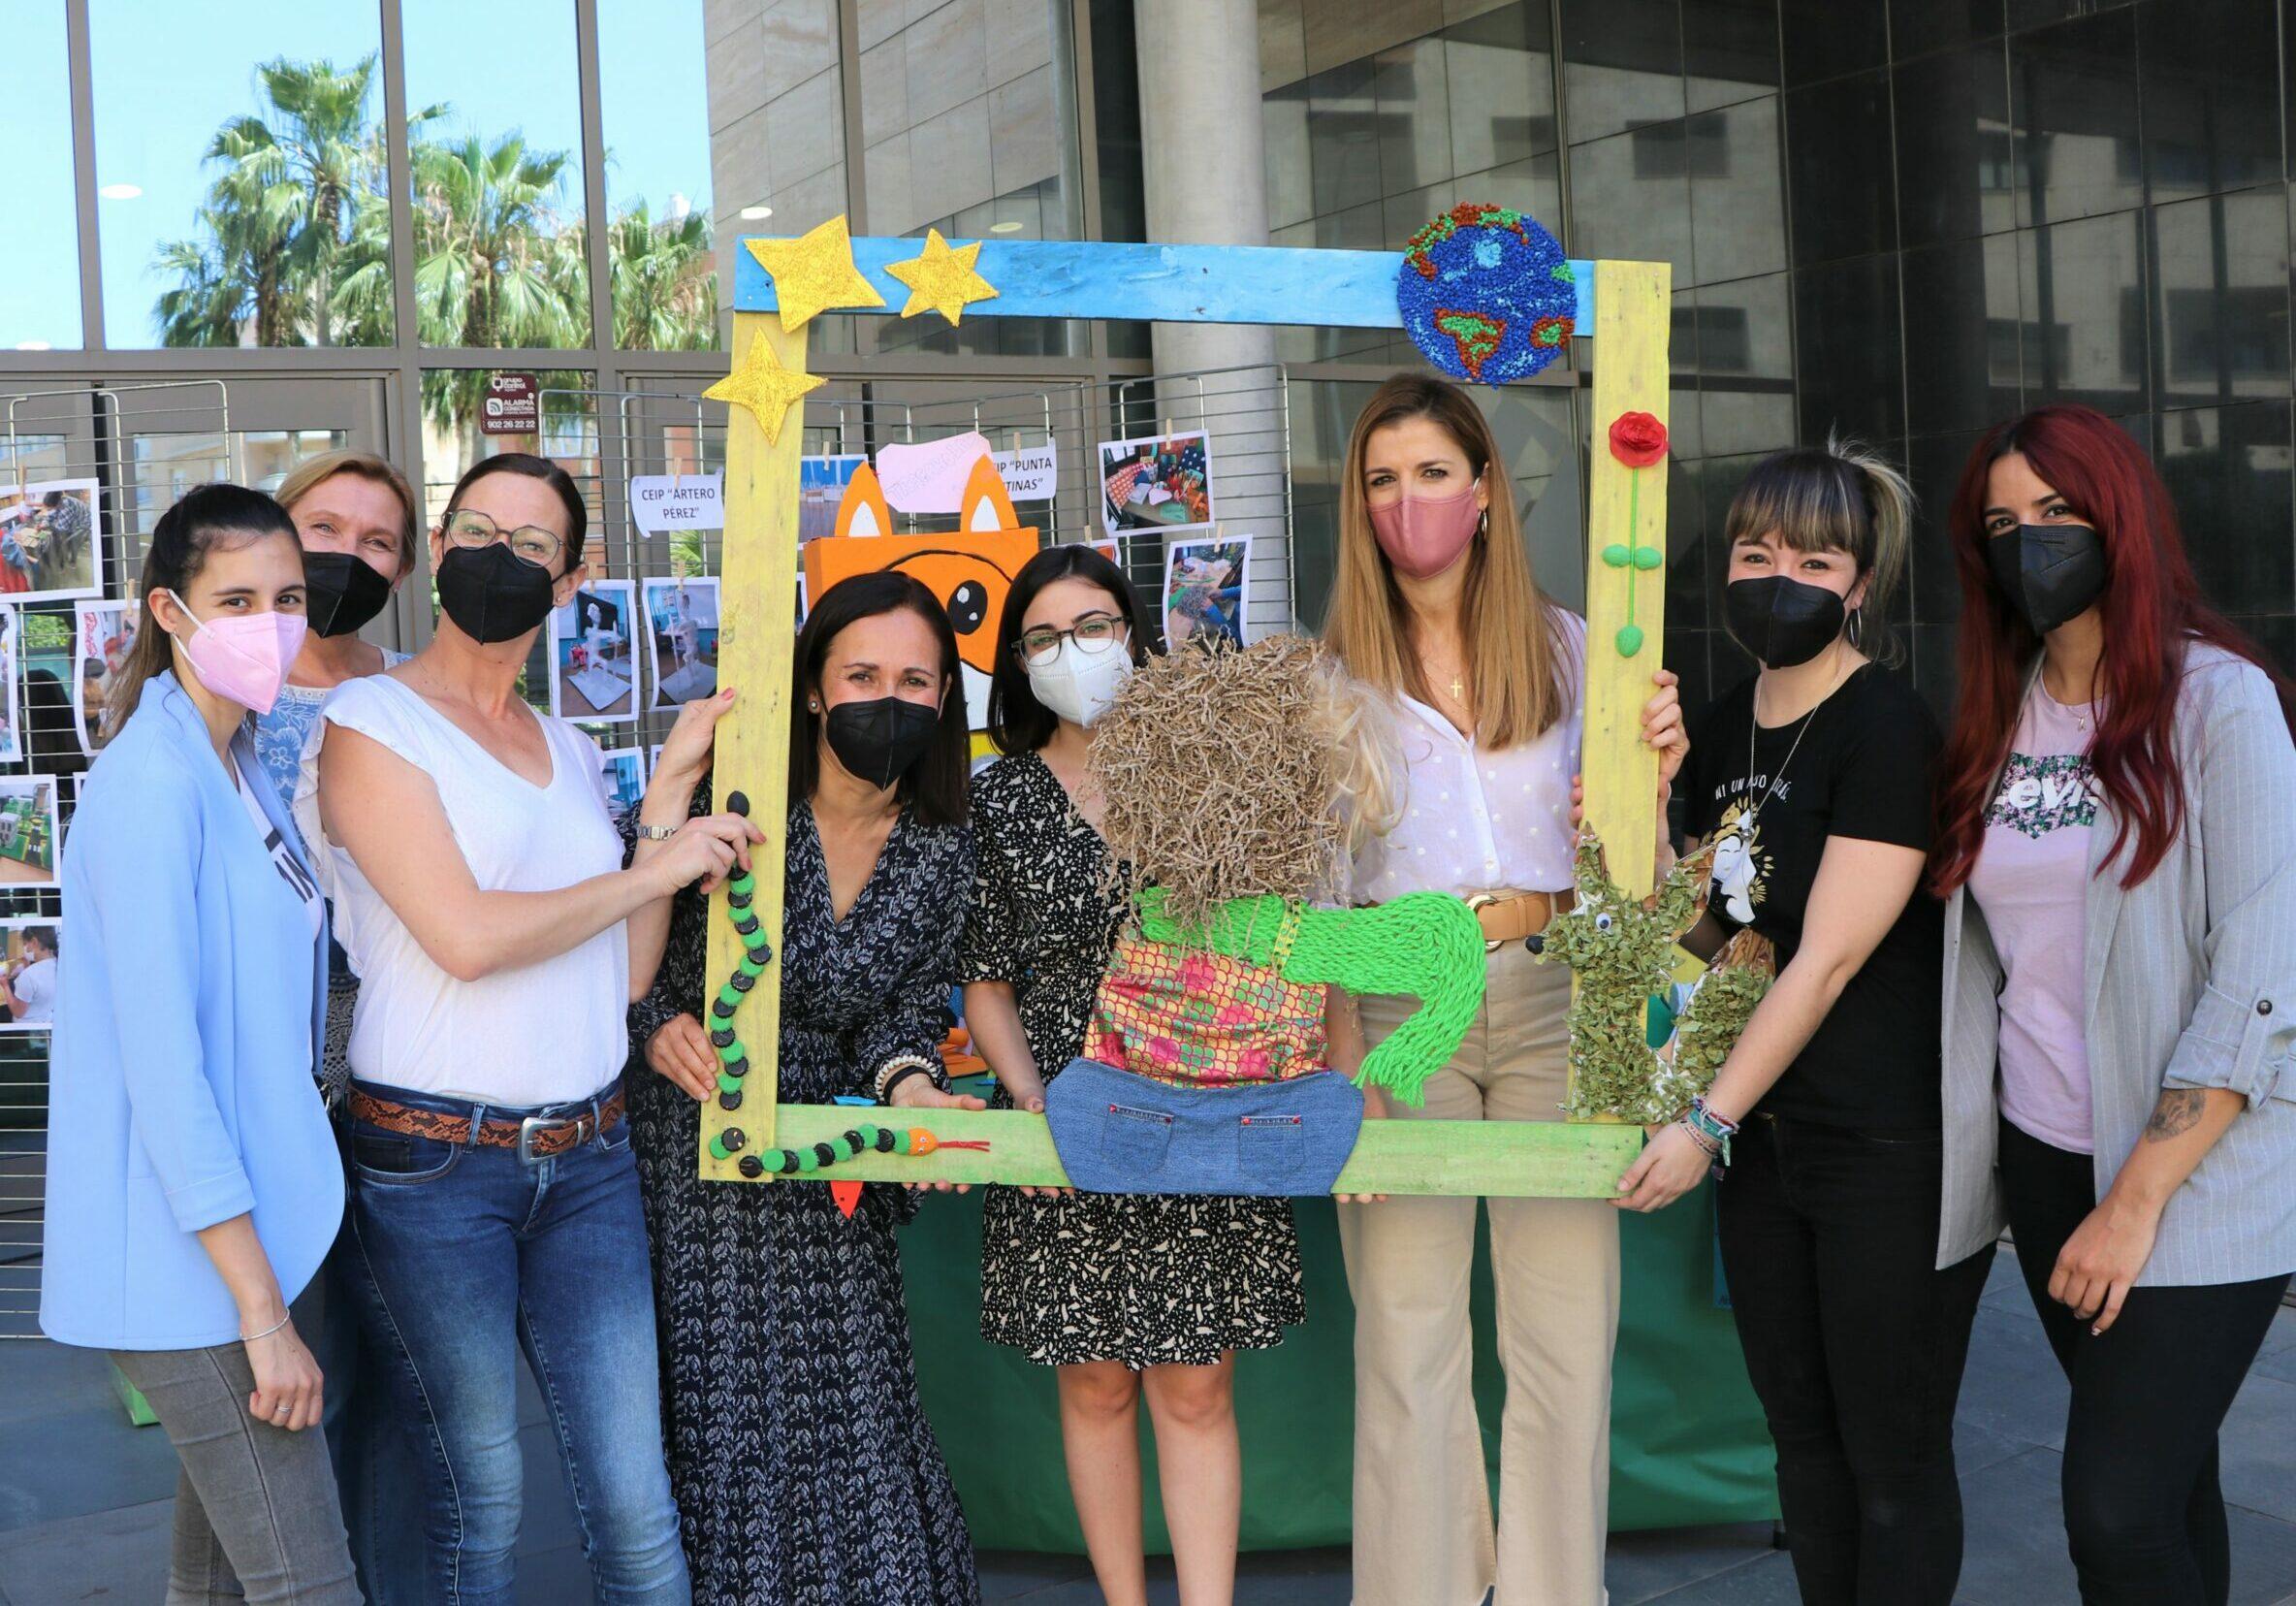 El Día Mundial de Reciclaje se celebra en El Ejido con una original exposición de trabajos de los alumnos de centros educativos del municipio y Cruz Roja local promovida por Servicios Sociales